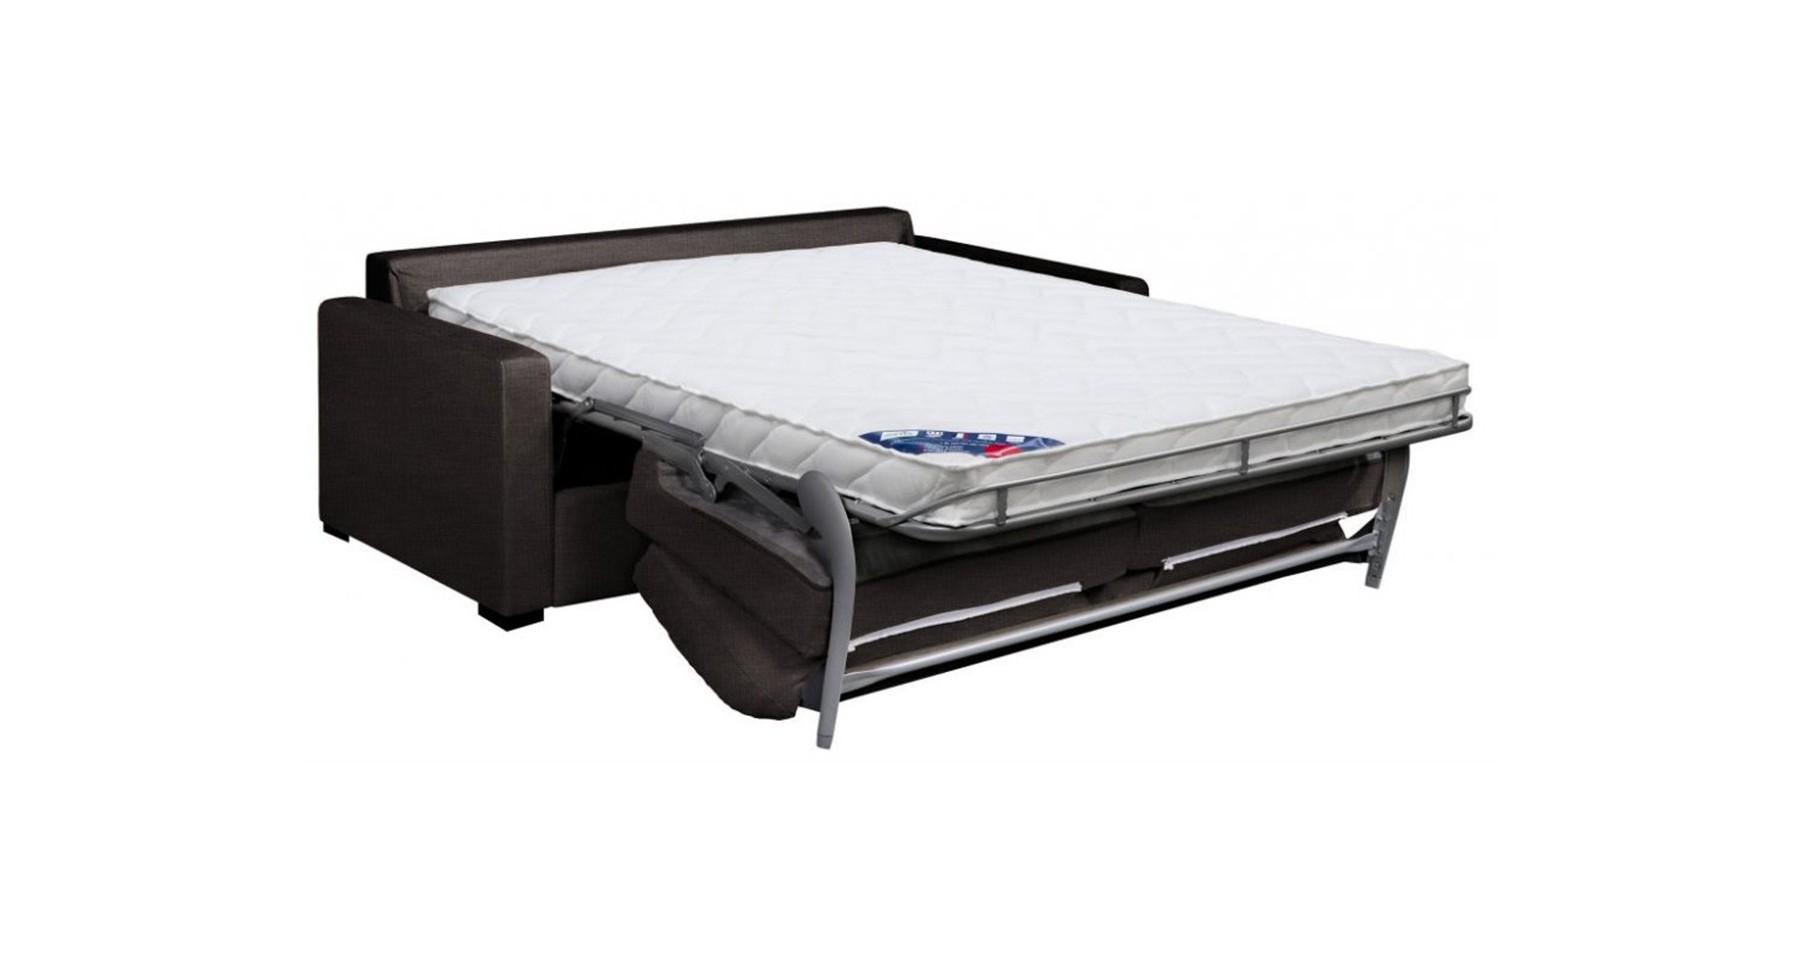 Canapé fixe ou lit Nova Grand Confort Osman livraison rapide